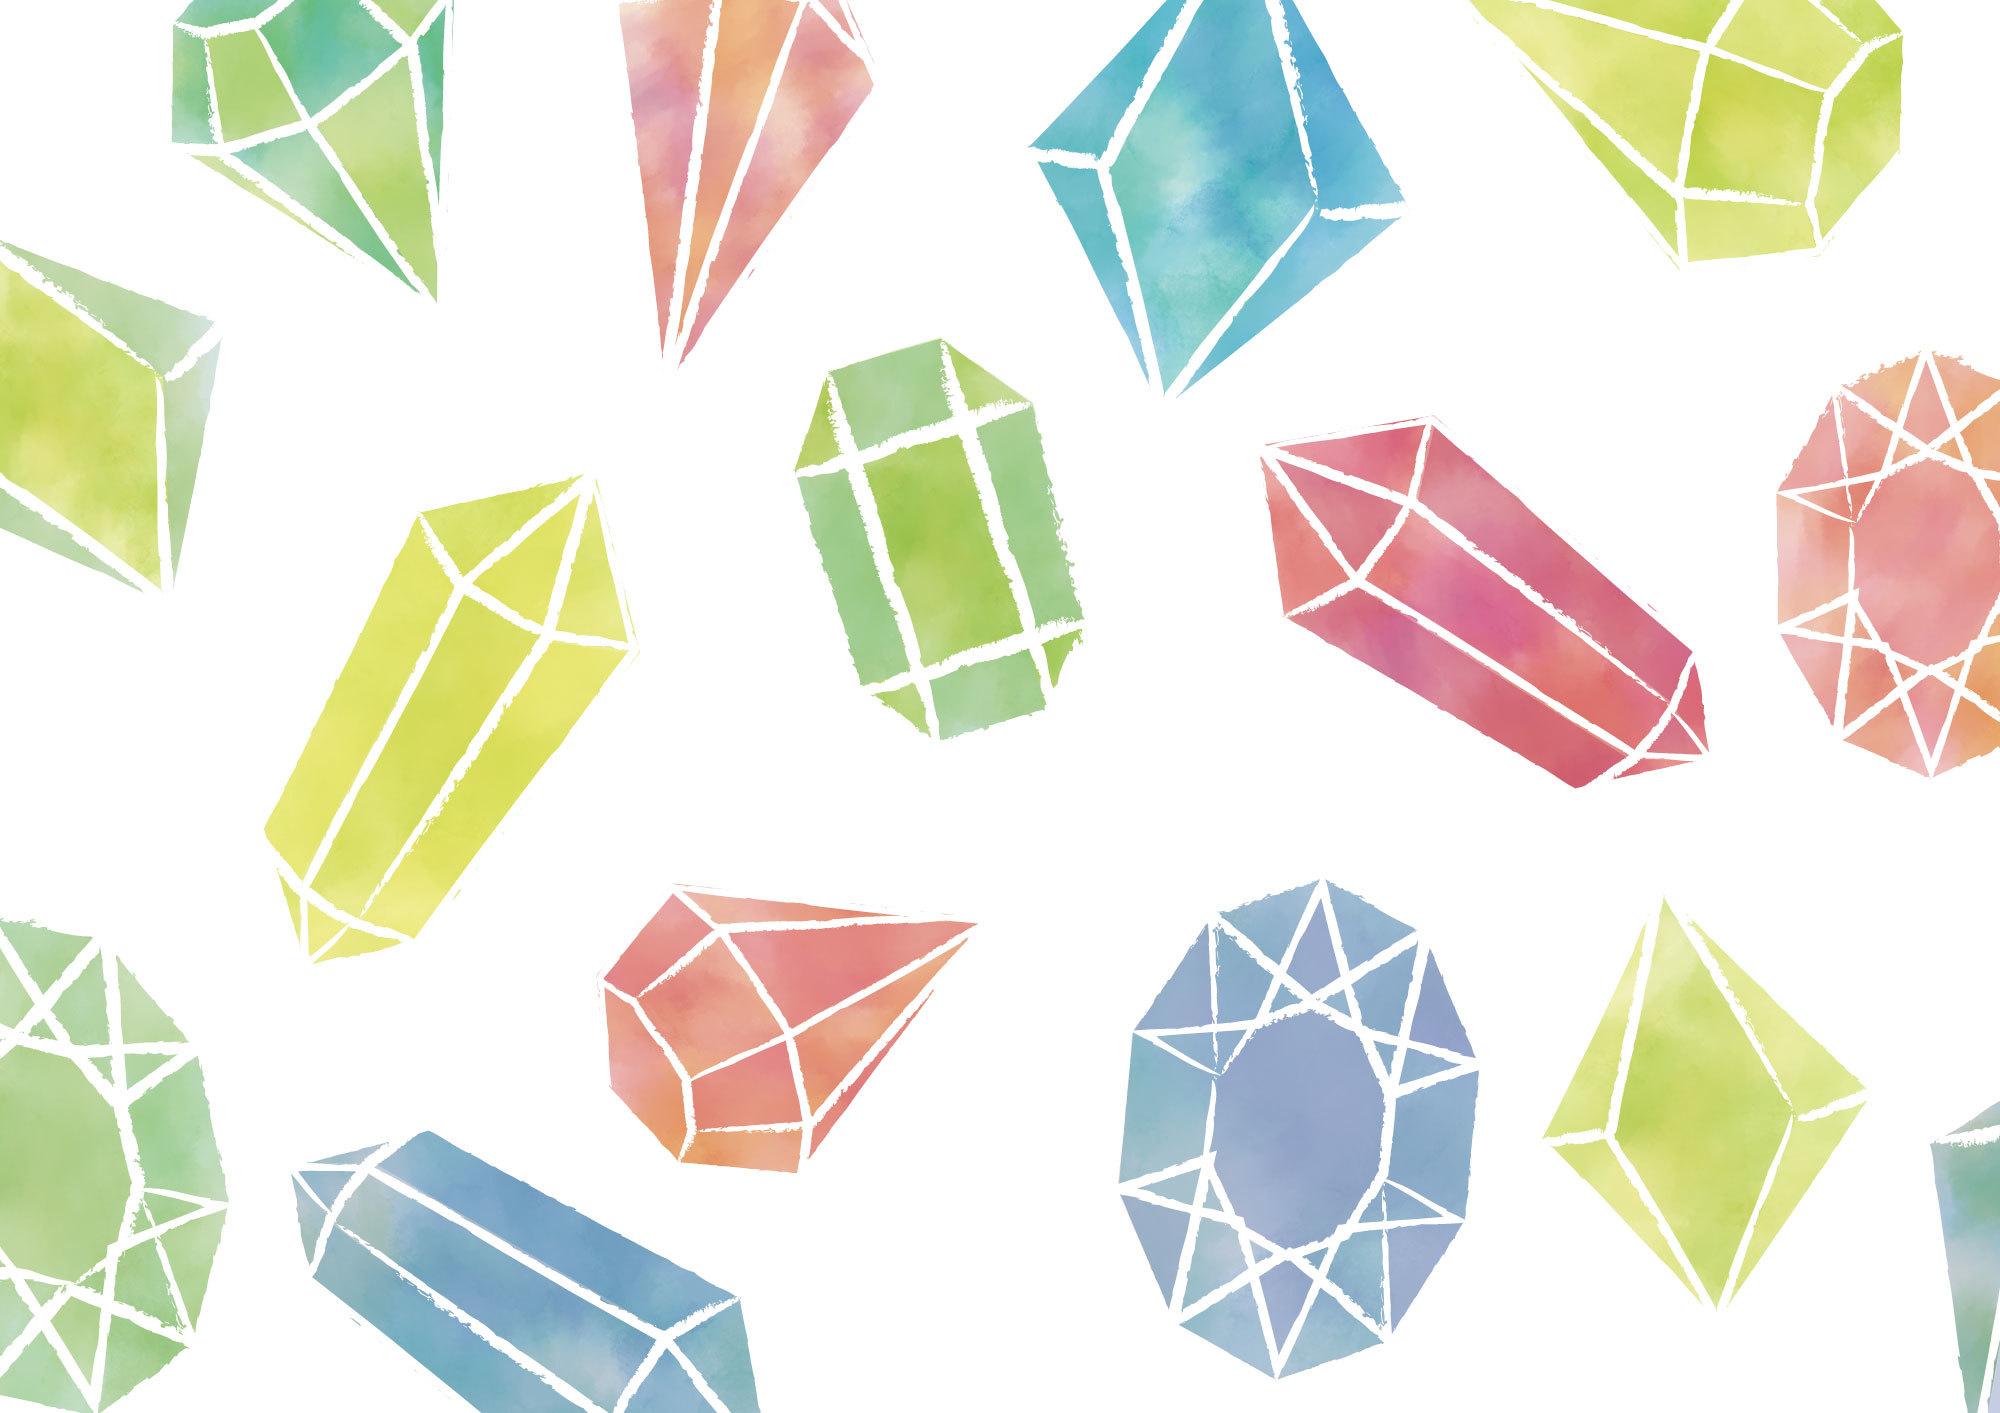 個人利用キラキラ宝石のイラスト素材集 Dreams And Horizon